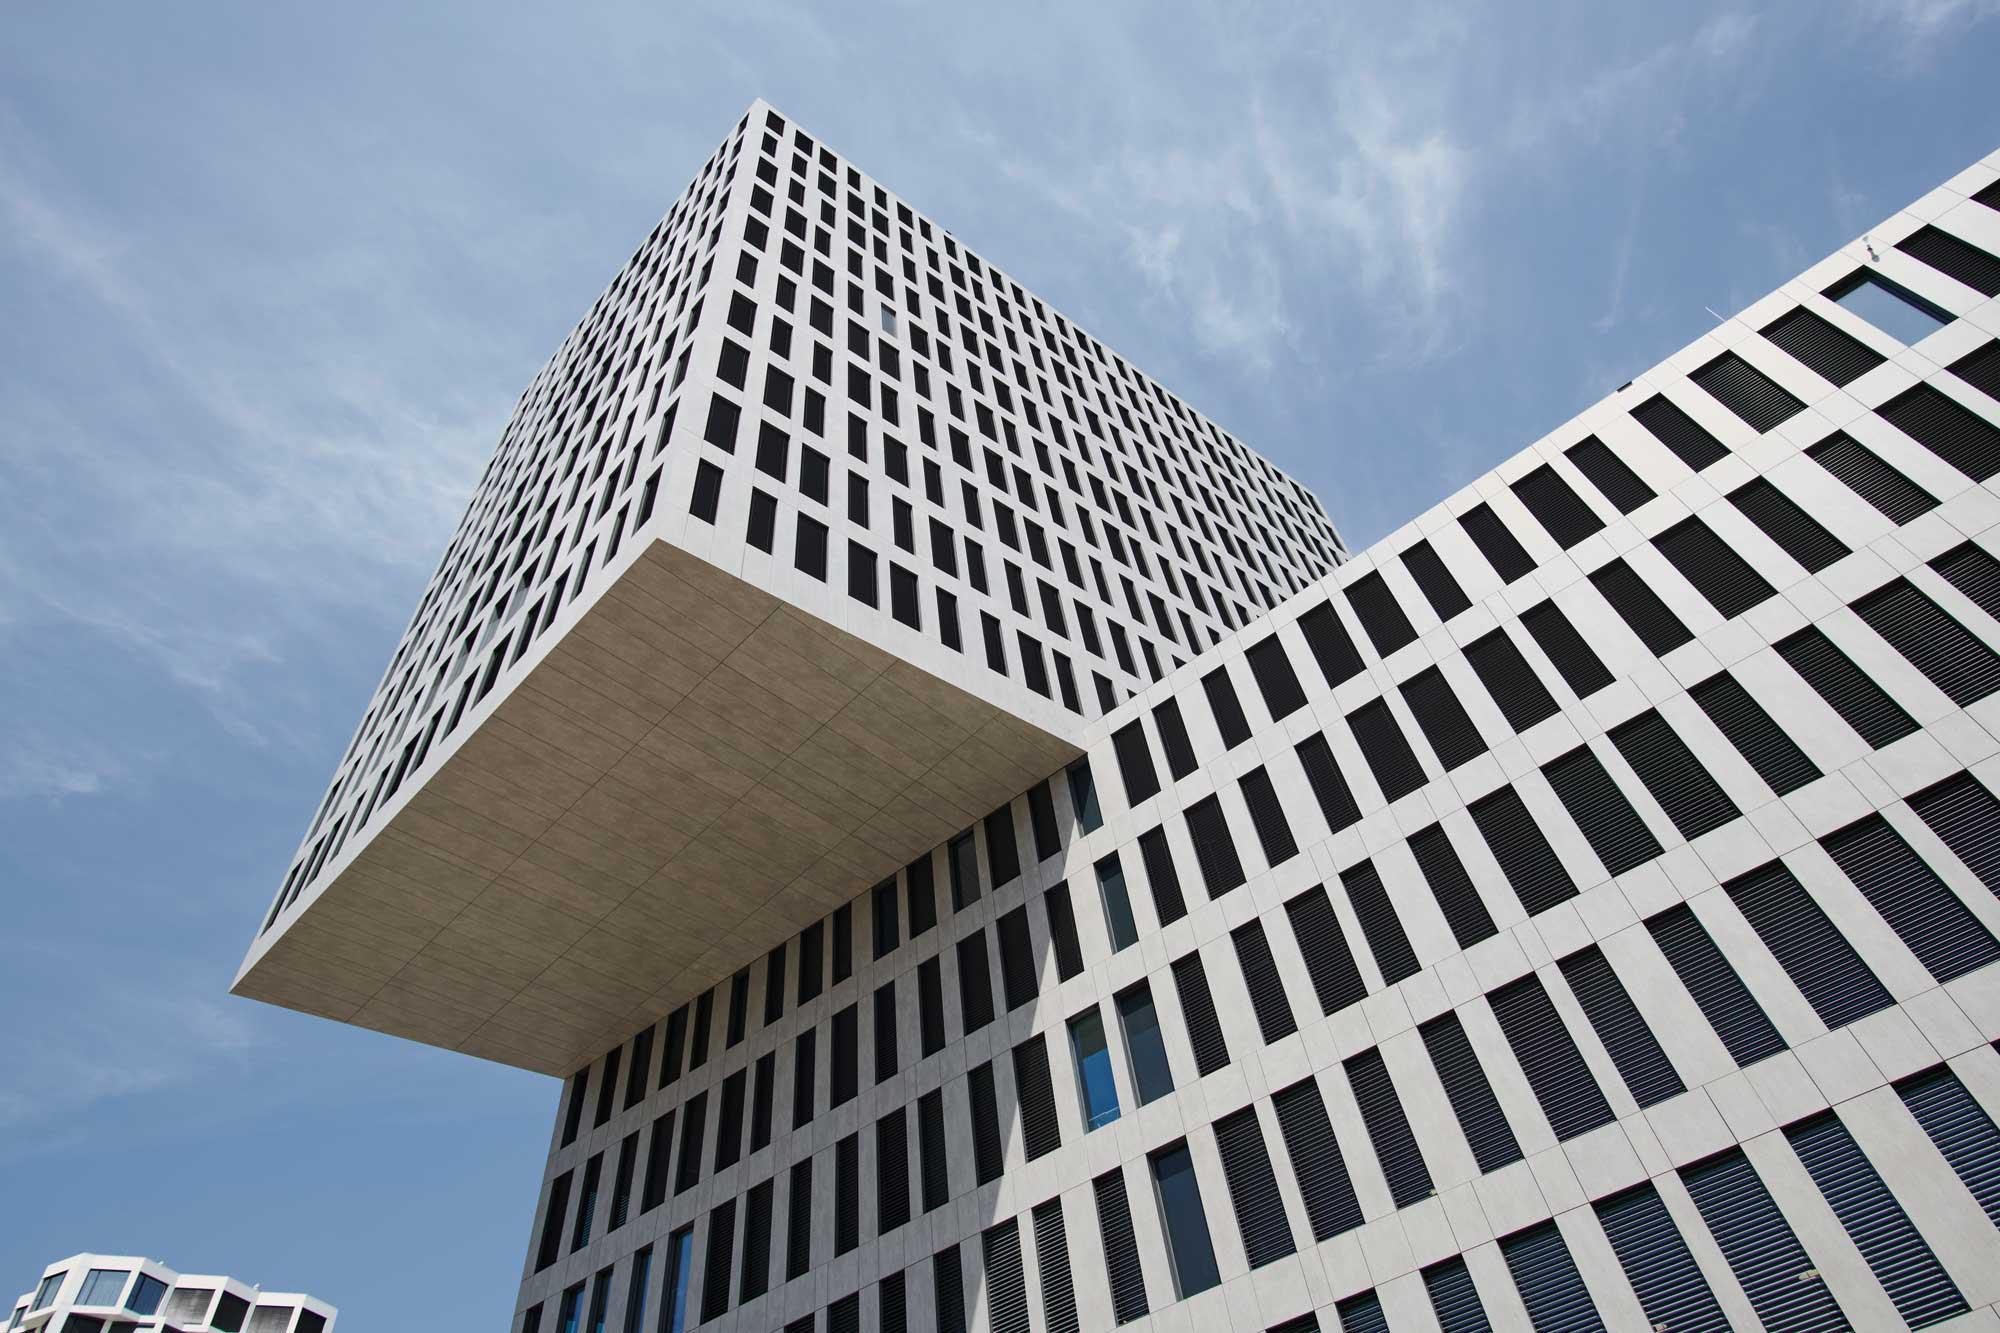 Interview mit Architekt Walter Schelle – DKTN- Ästhetisch und funktional  - 20200710 Kap West  Munchen 0915 34